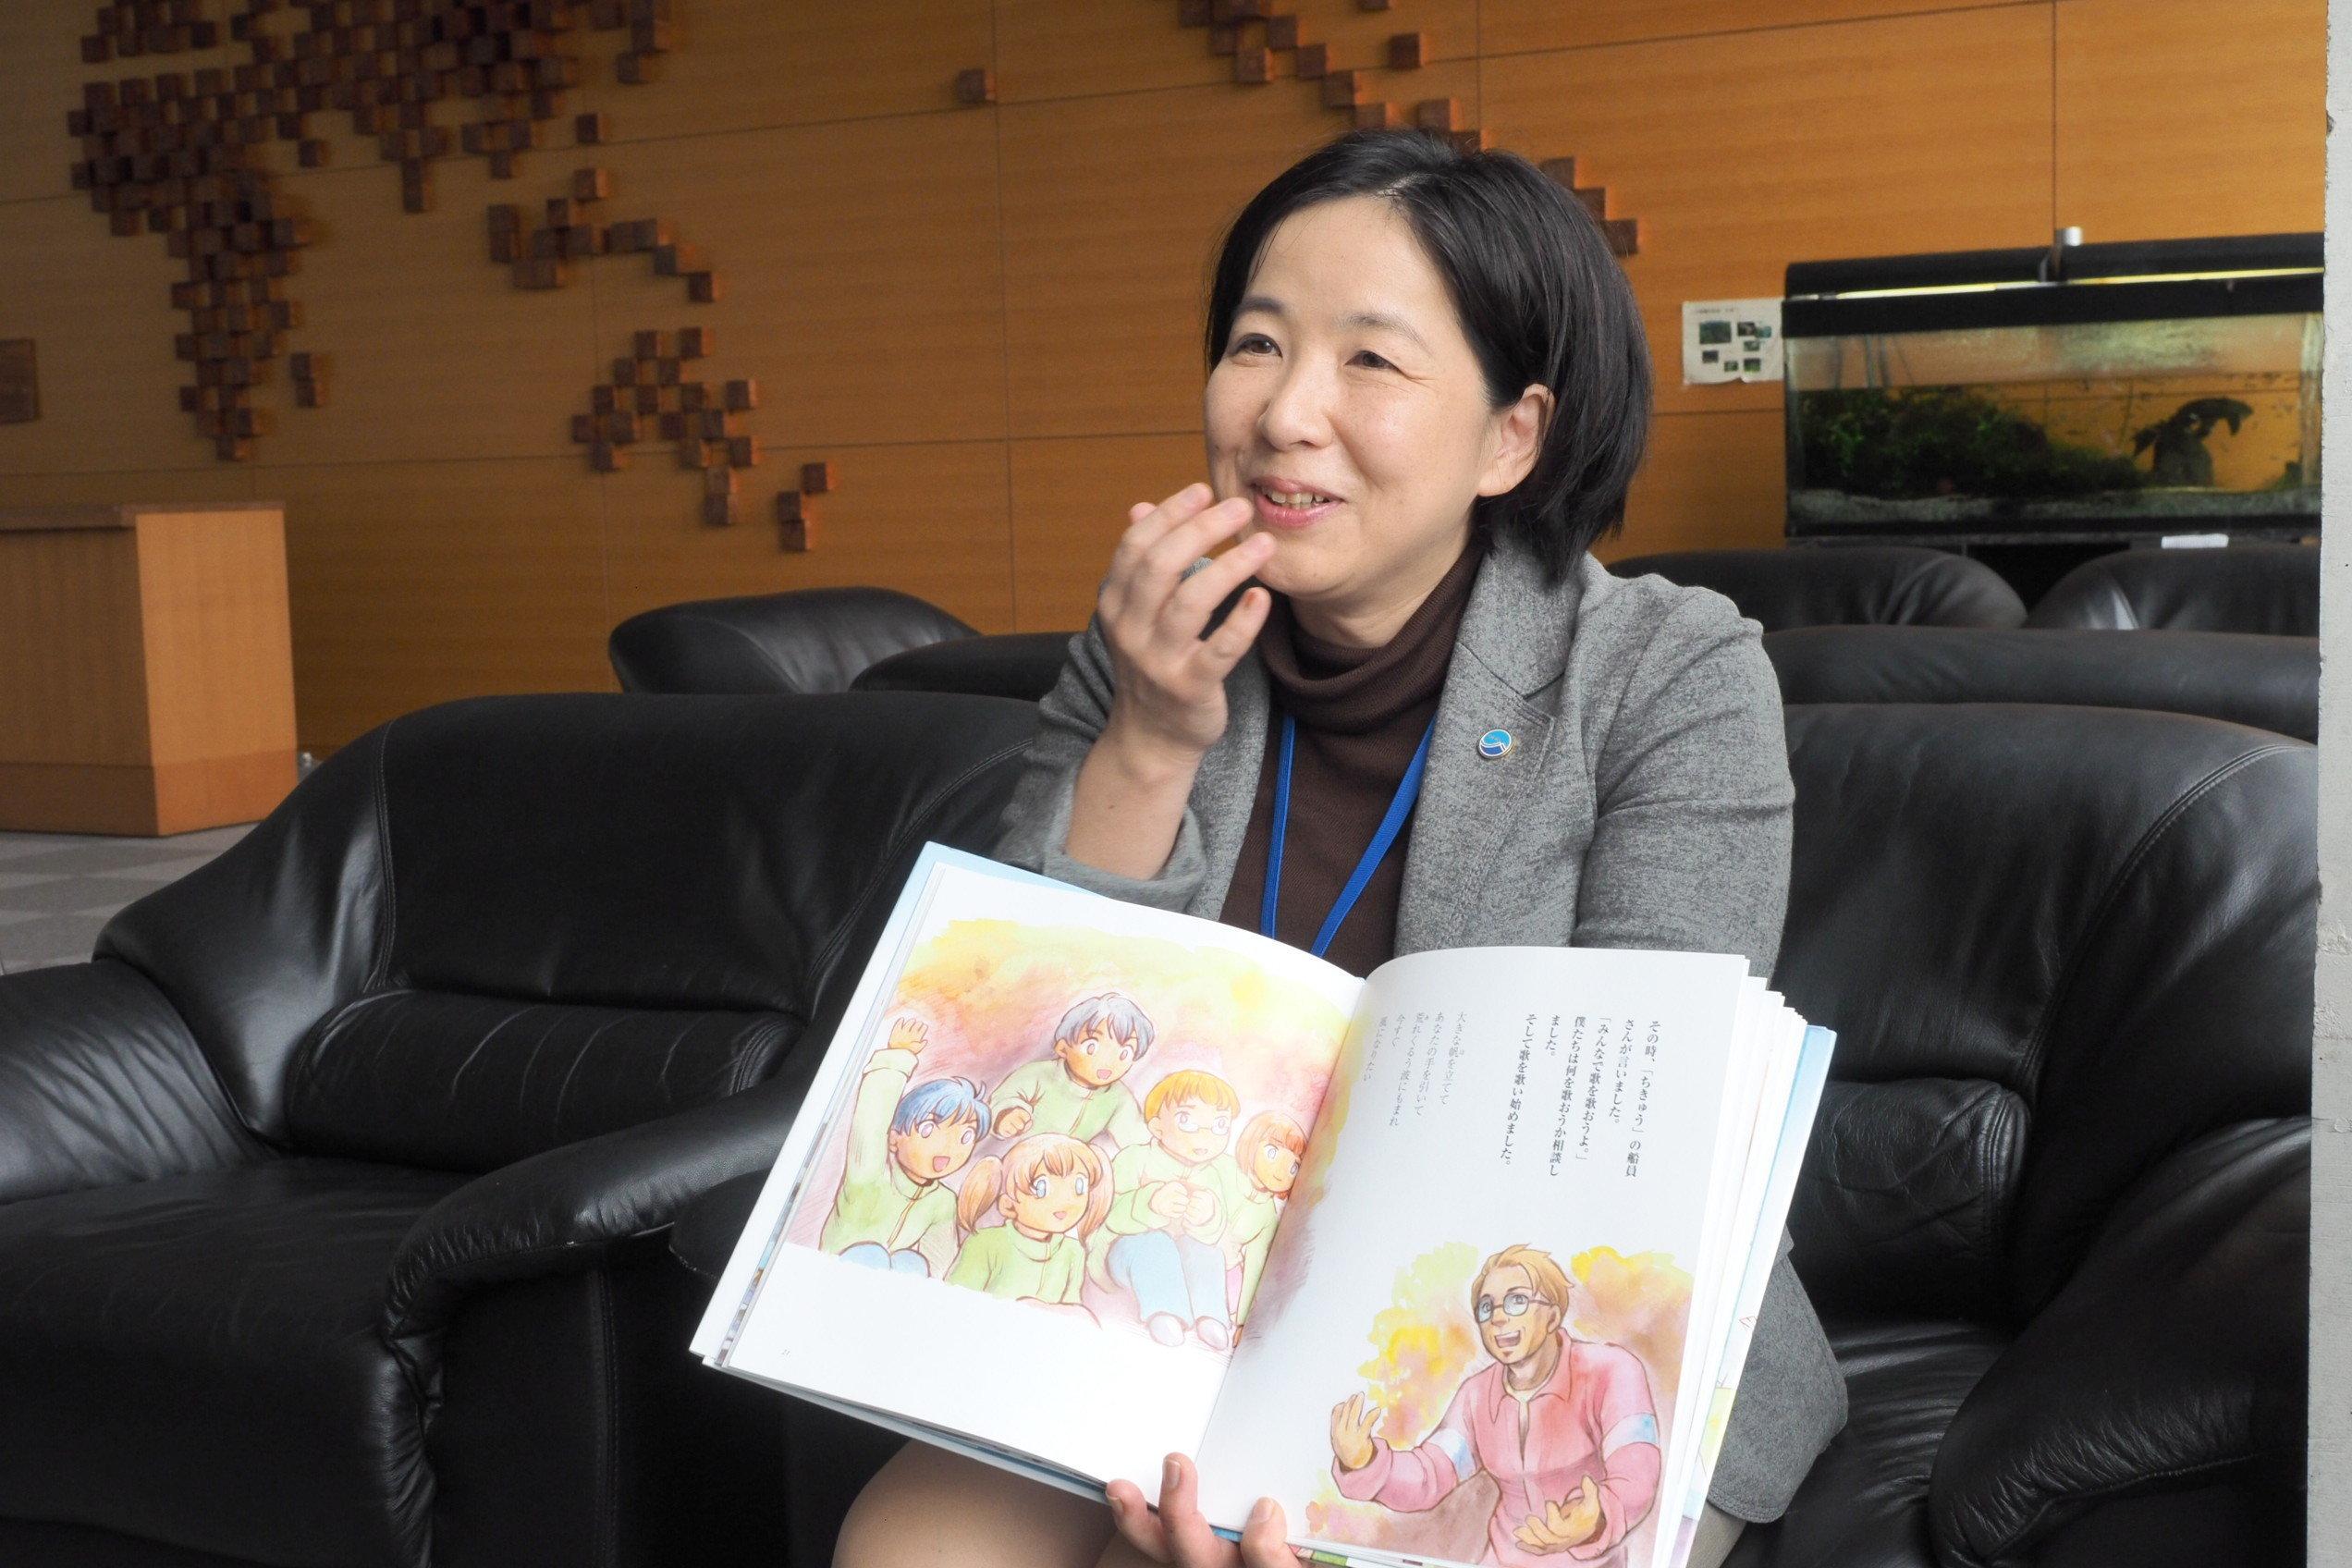 【東日本大震災】子どもたちの歌声が、船内の空気を変えた。探査船「ちきゅう」の被災体験が絵本に